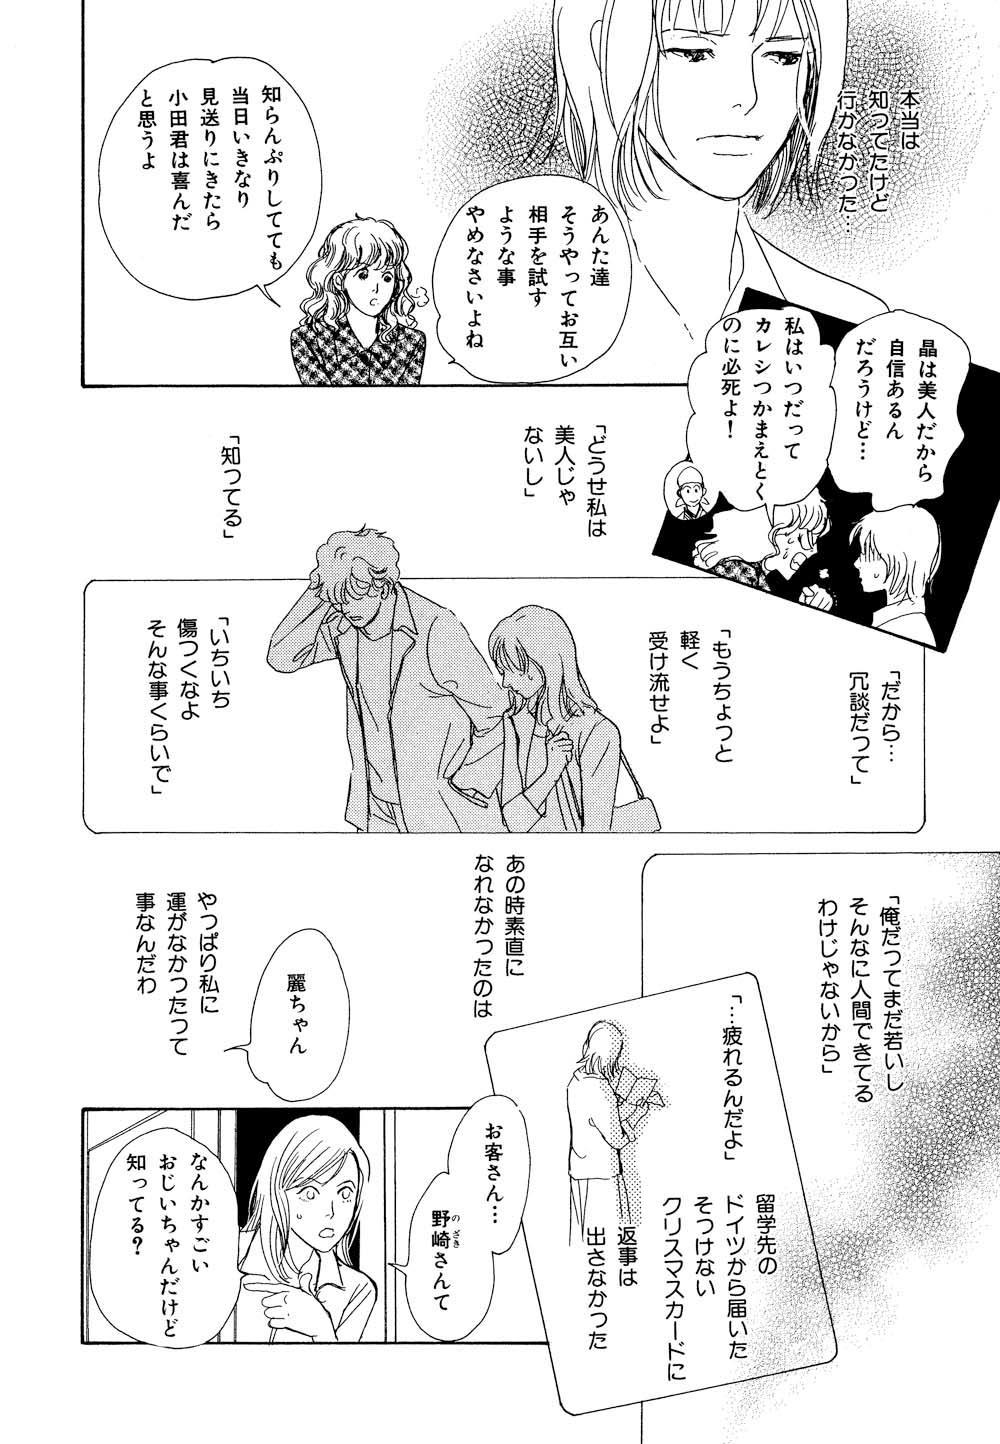 百鬼夜行抄_13_0088.jpg